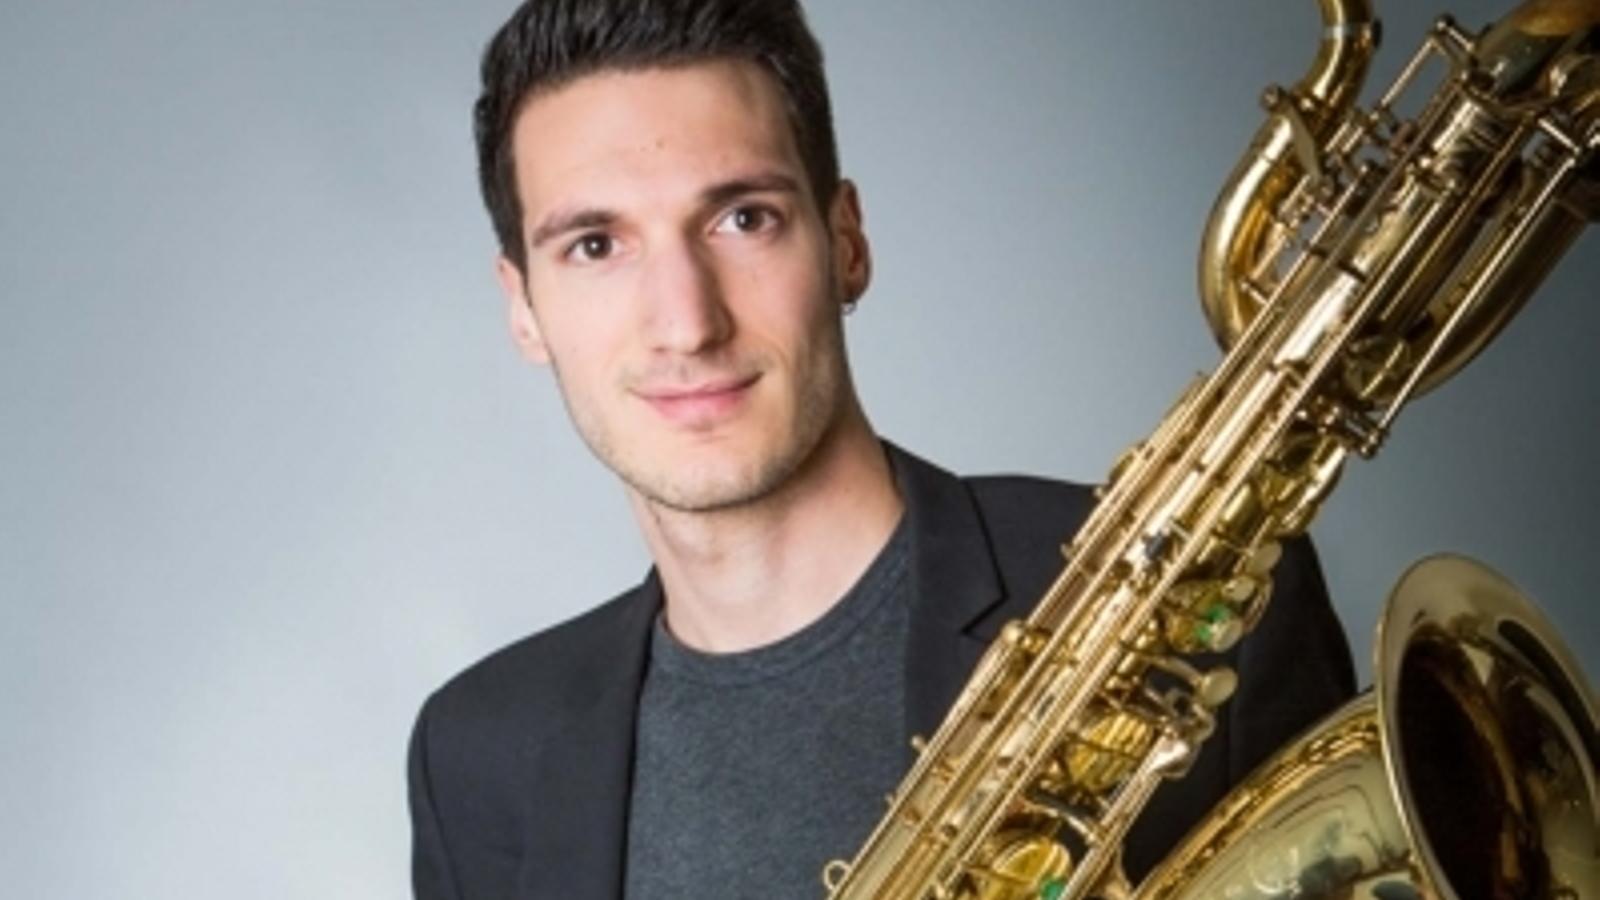 El saxofonista Maxime Bazerque. / AURELIE CASSIN